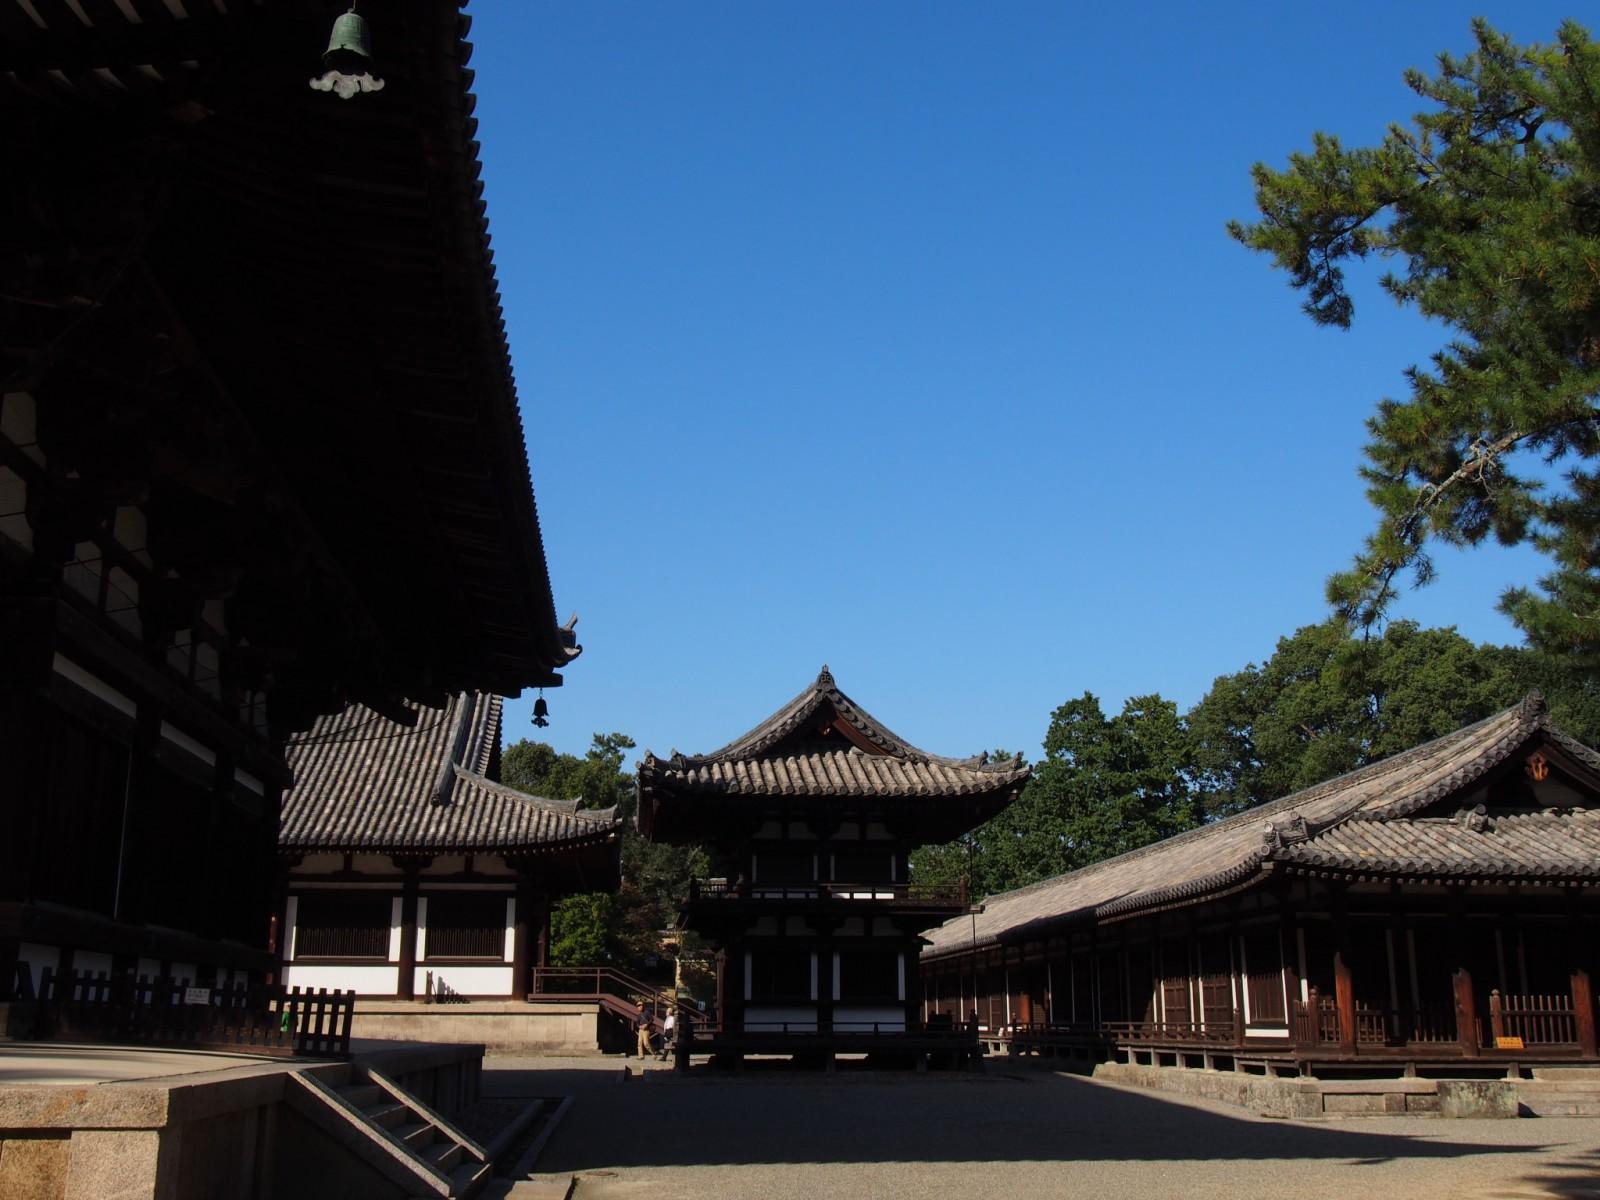 唐招提寺鼓楼を南側から望む